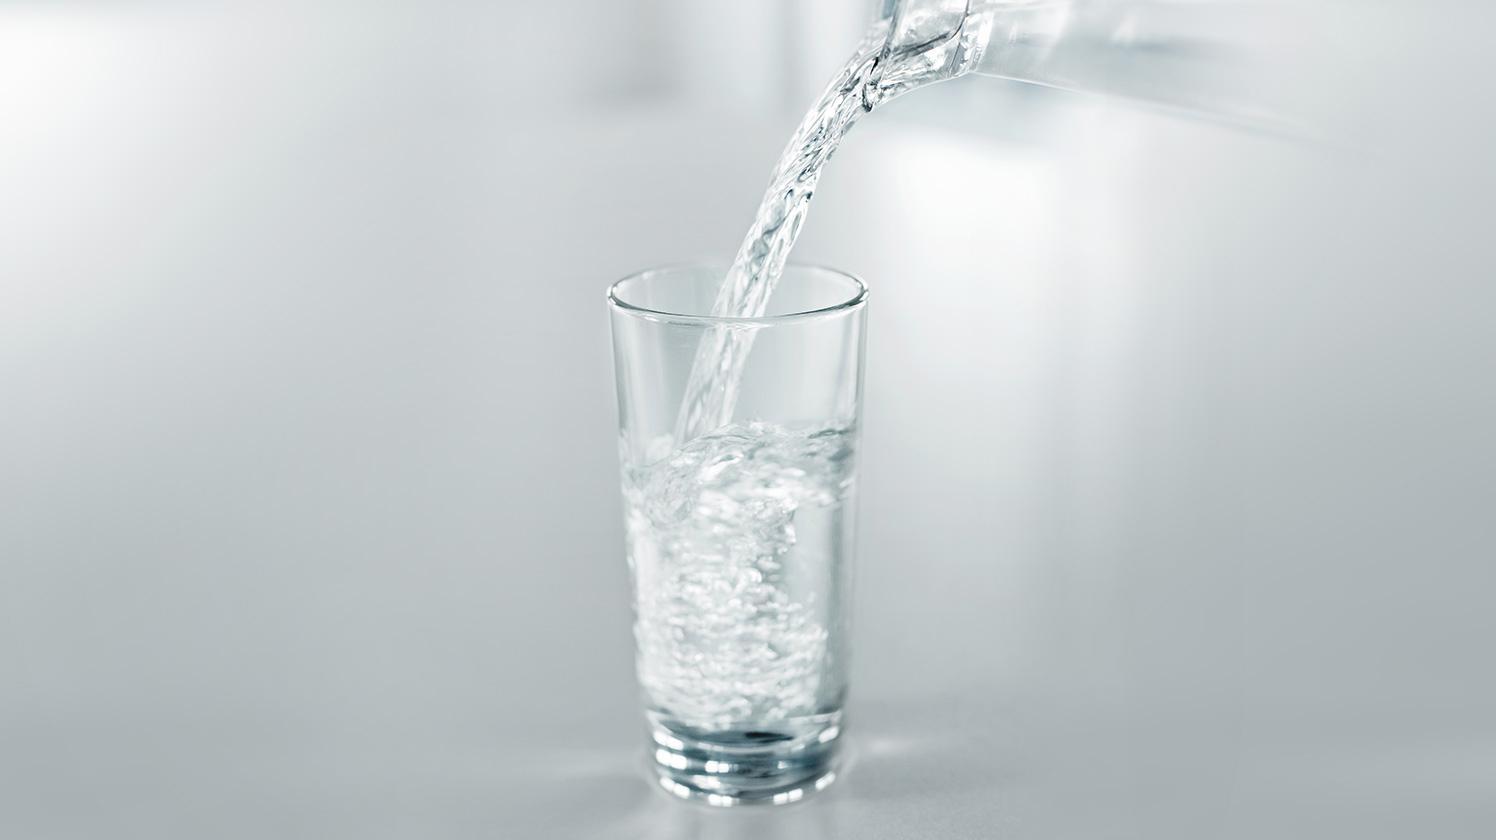 BRITA nawodnienie napełnianie szklanki z wodą